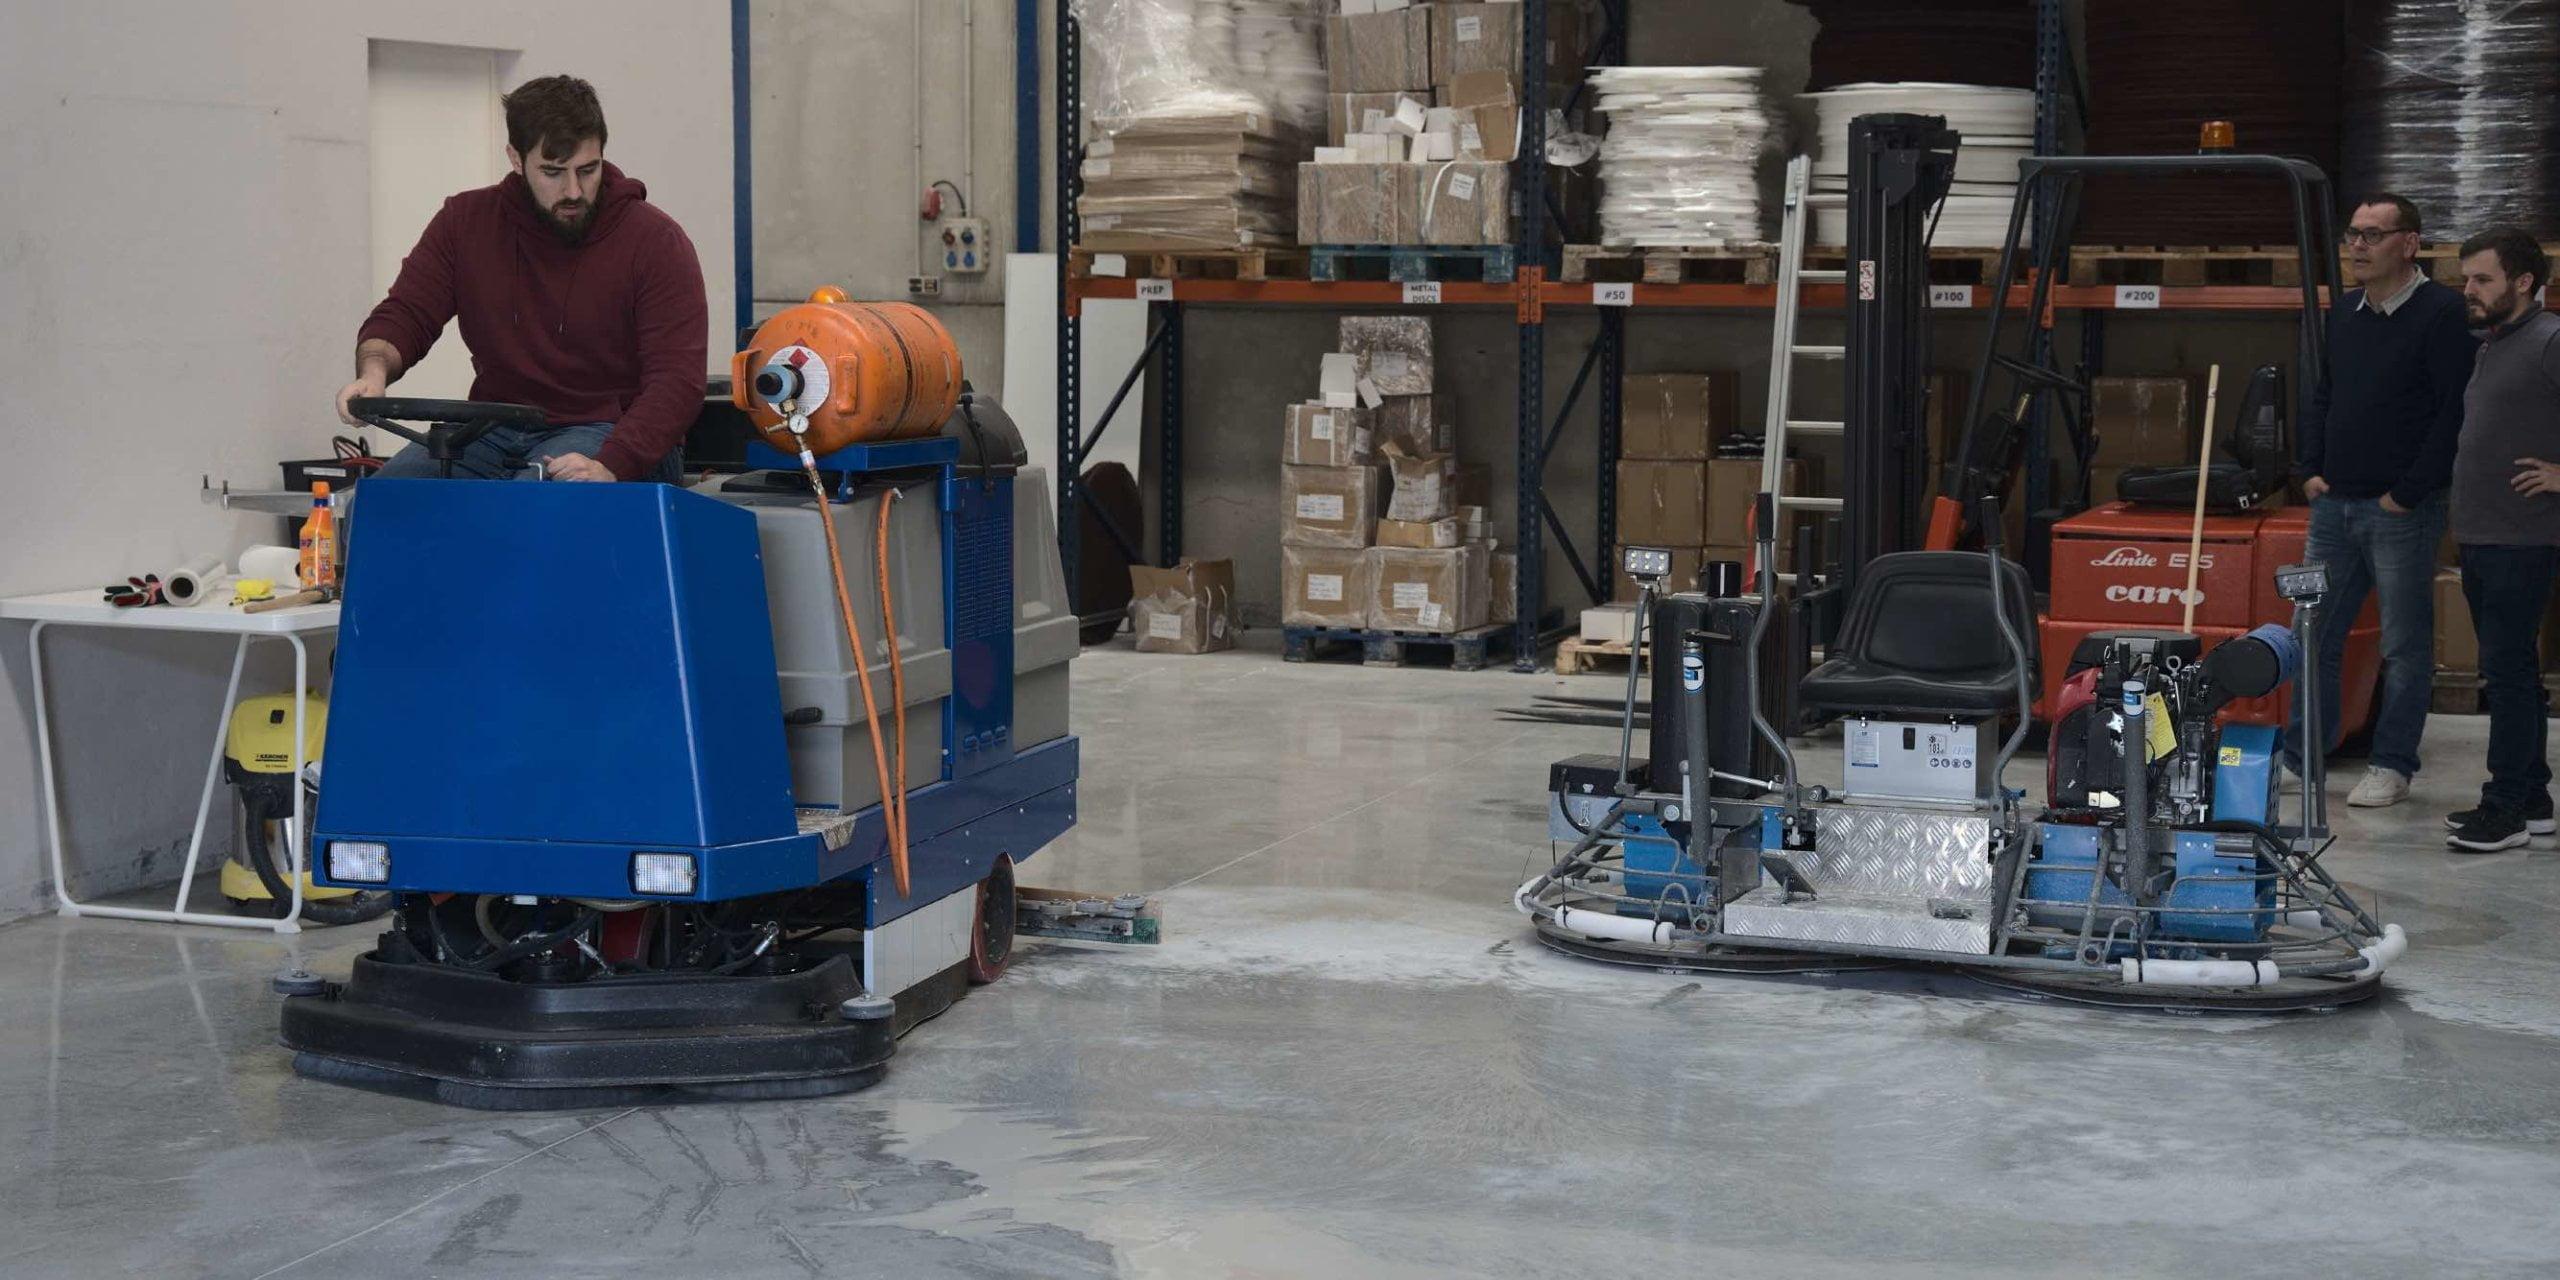 Limpieza industrial del suelo de una nave industrial